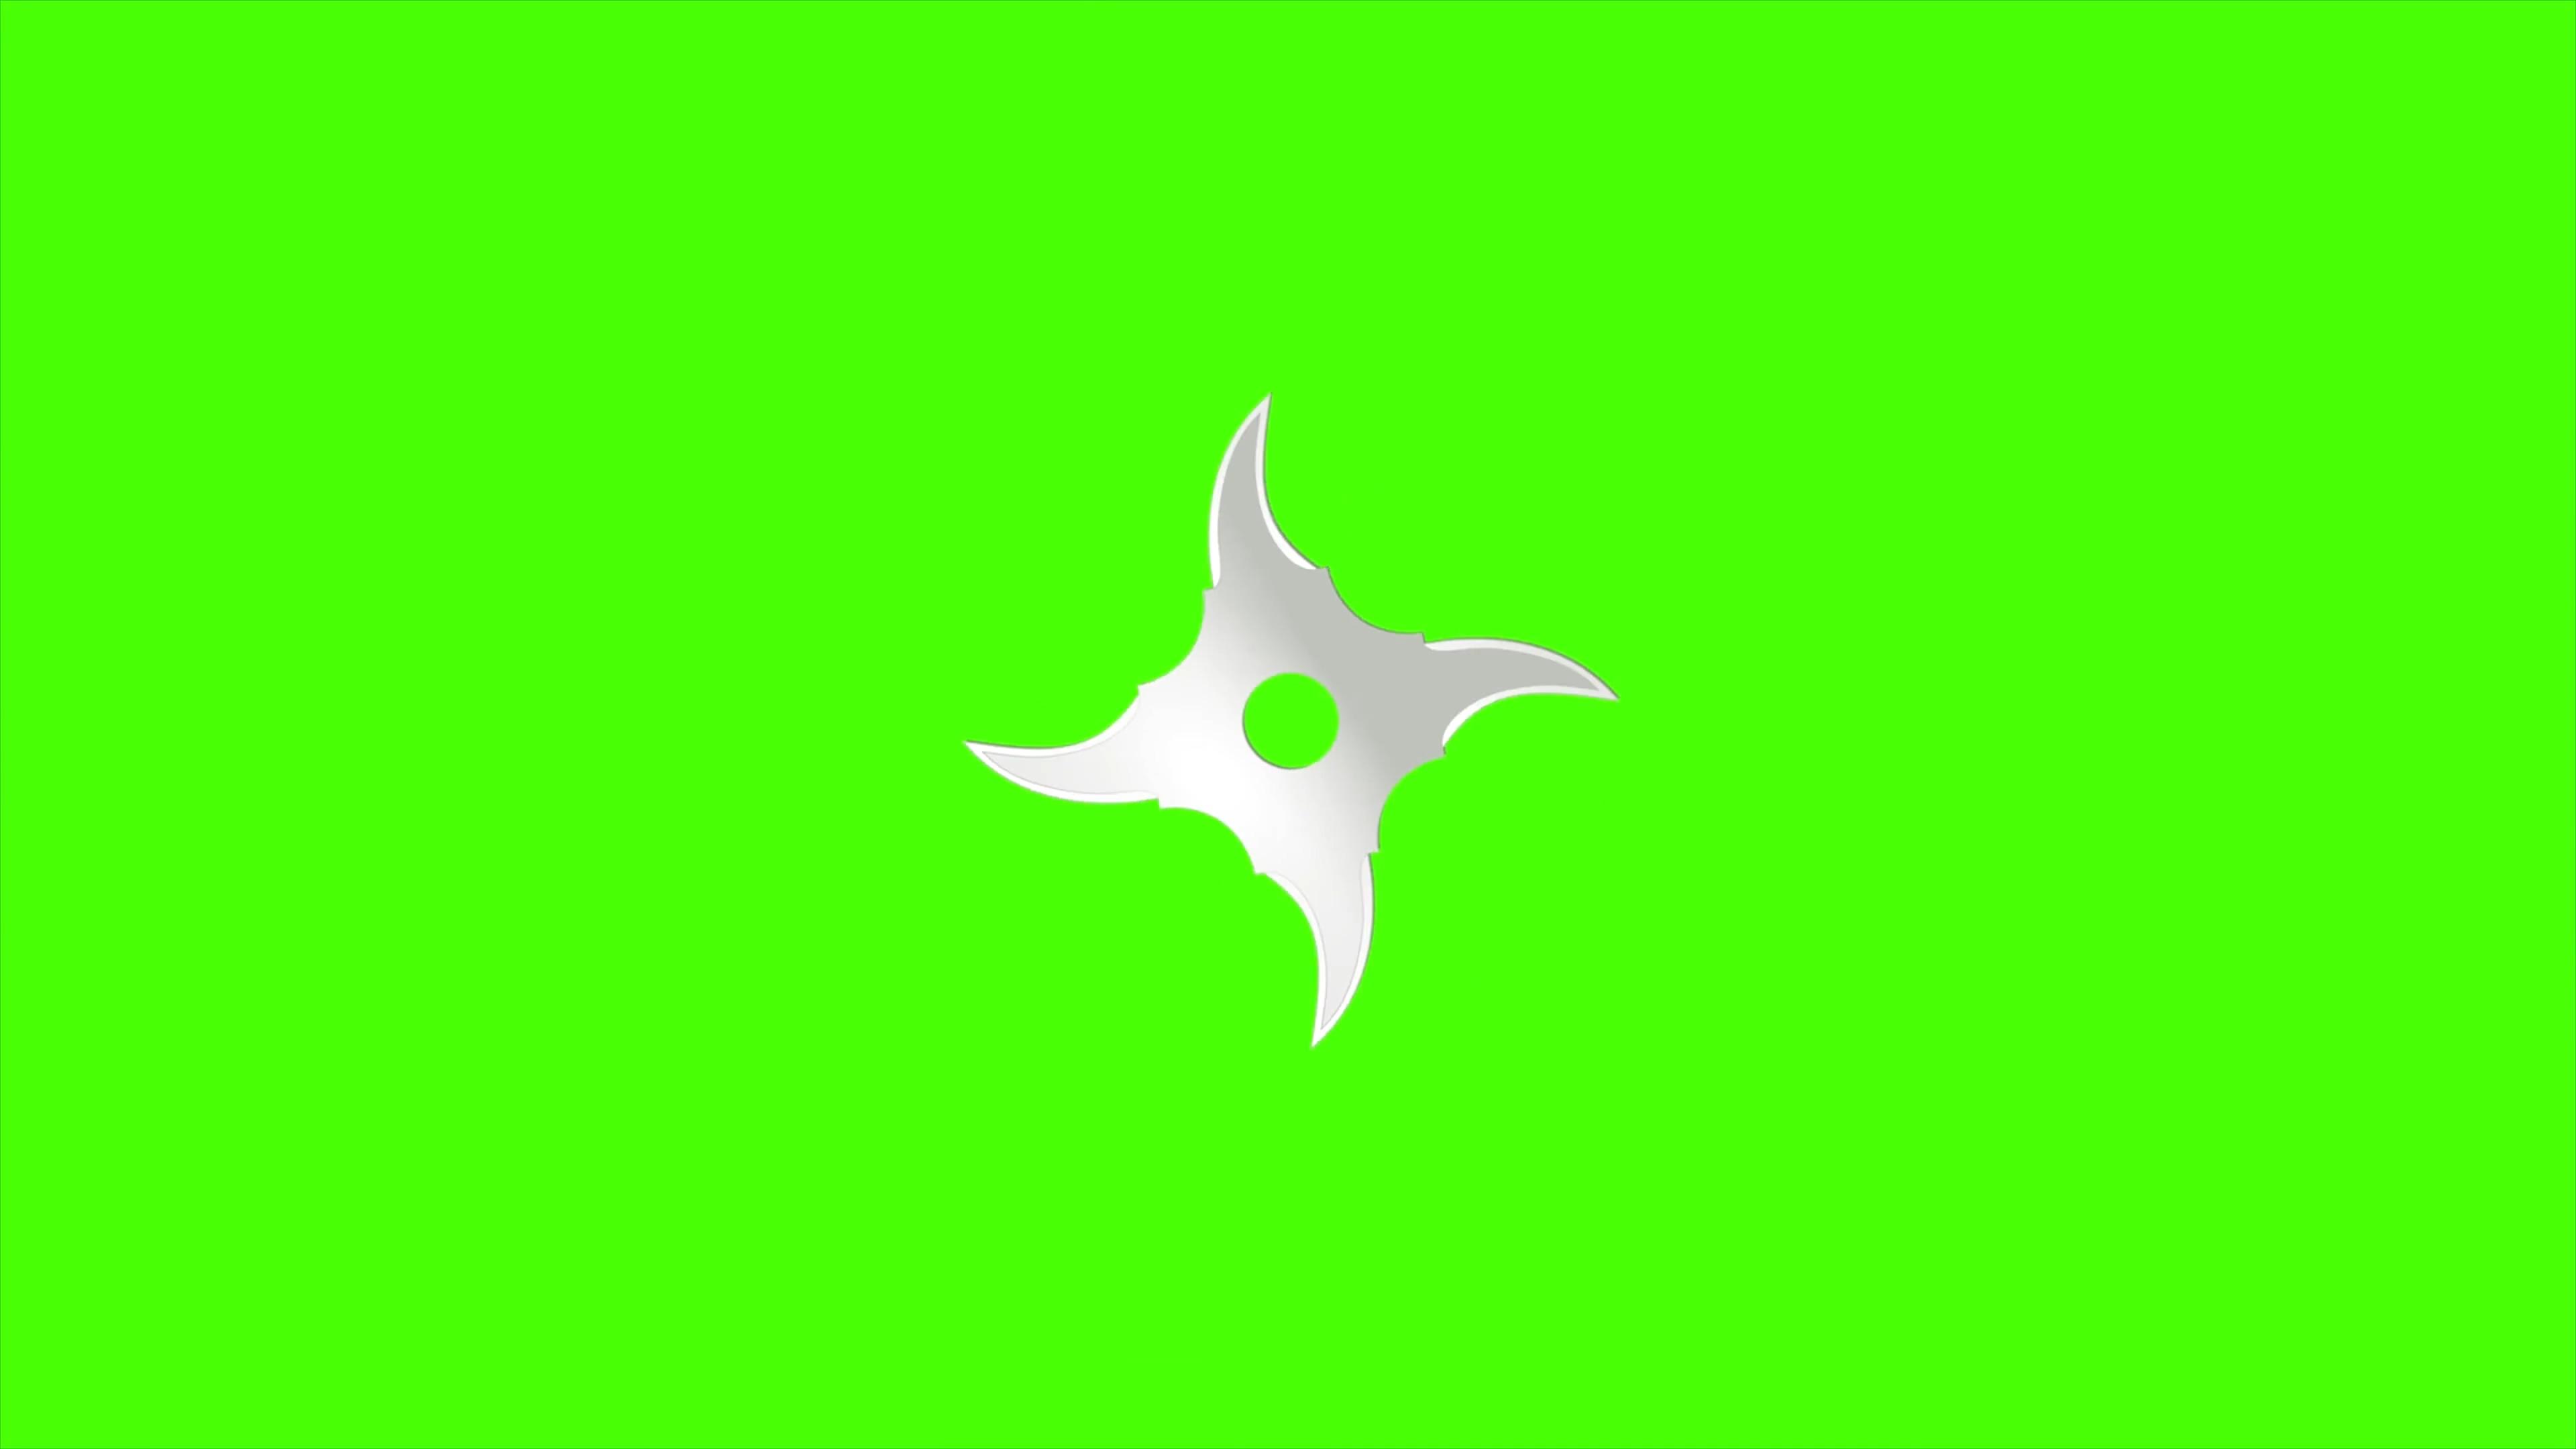 绿屏抠像旋转的忍者镖